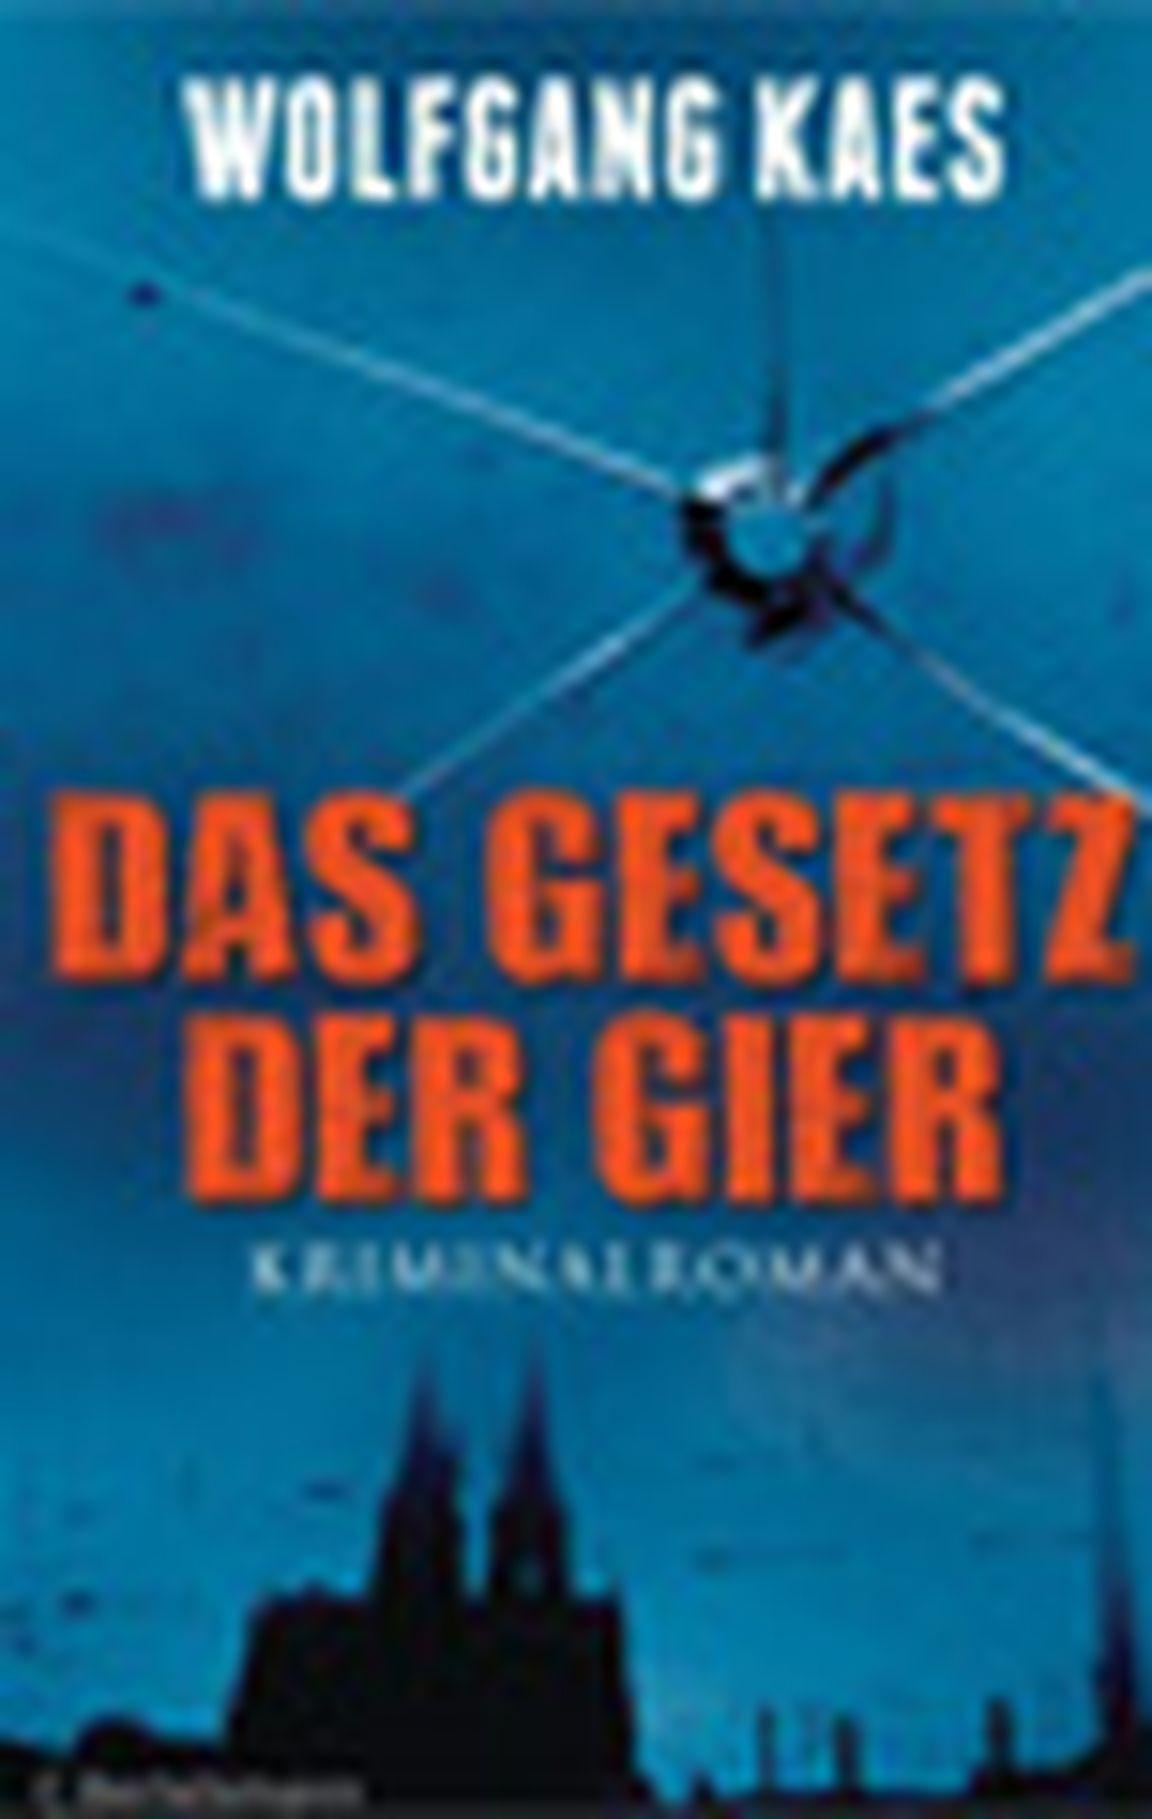 Fesselnde Ökonomie: Die besten Wirtschaftskrimis 2012 « DiePresse.com